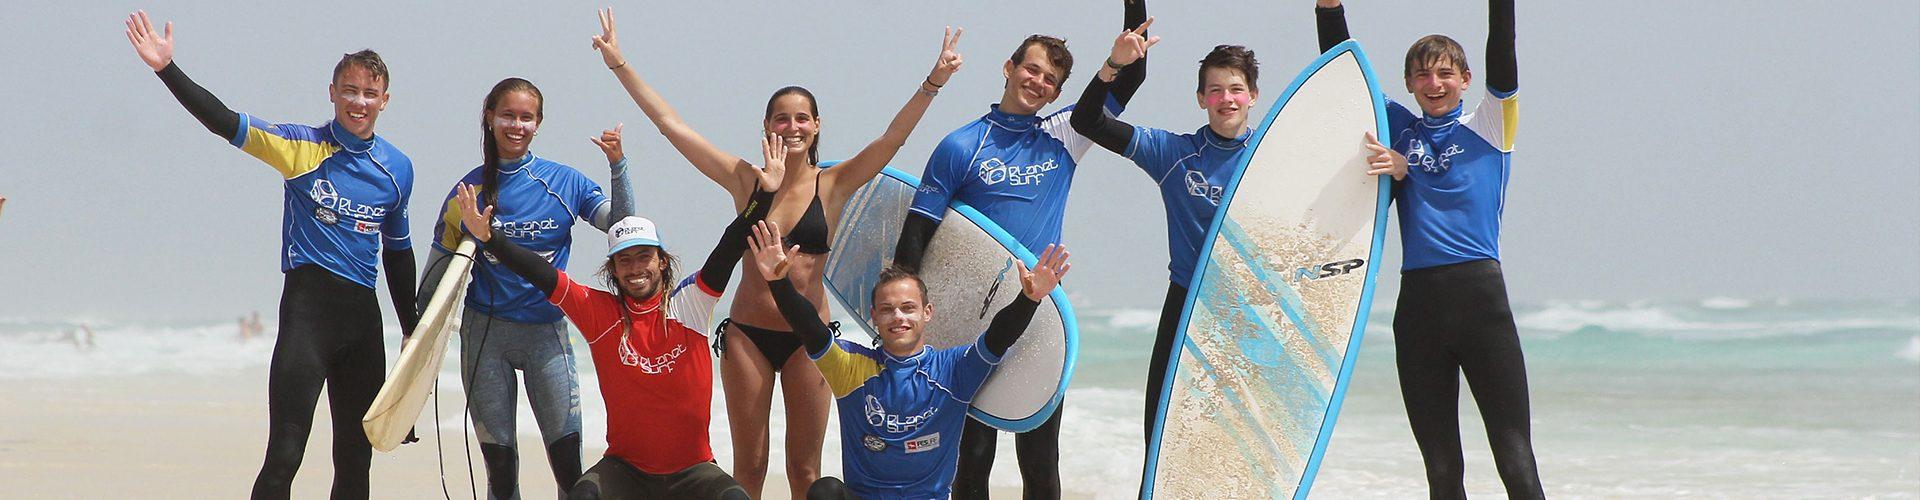 the best surf spots at Fuerteventura